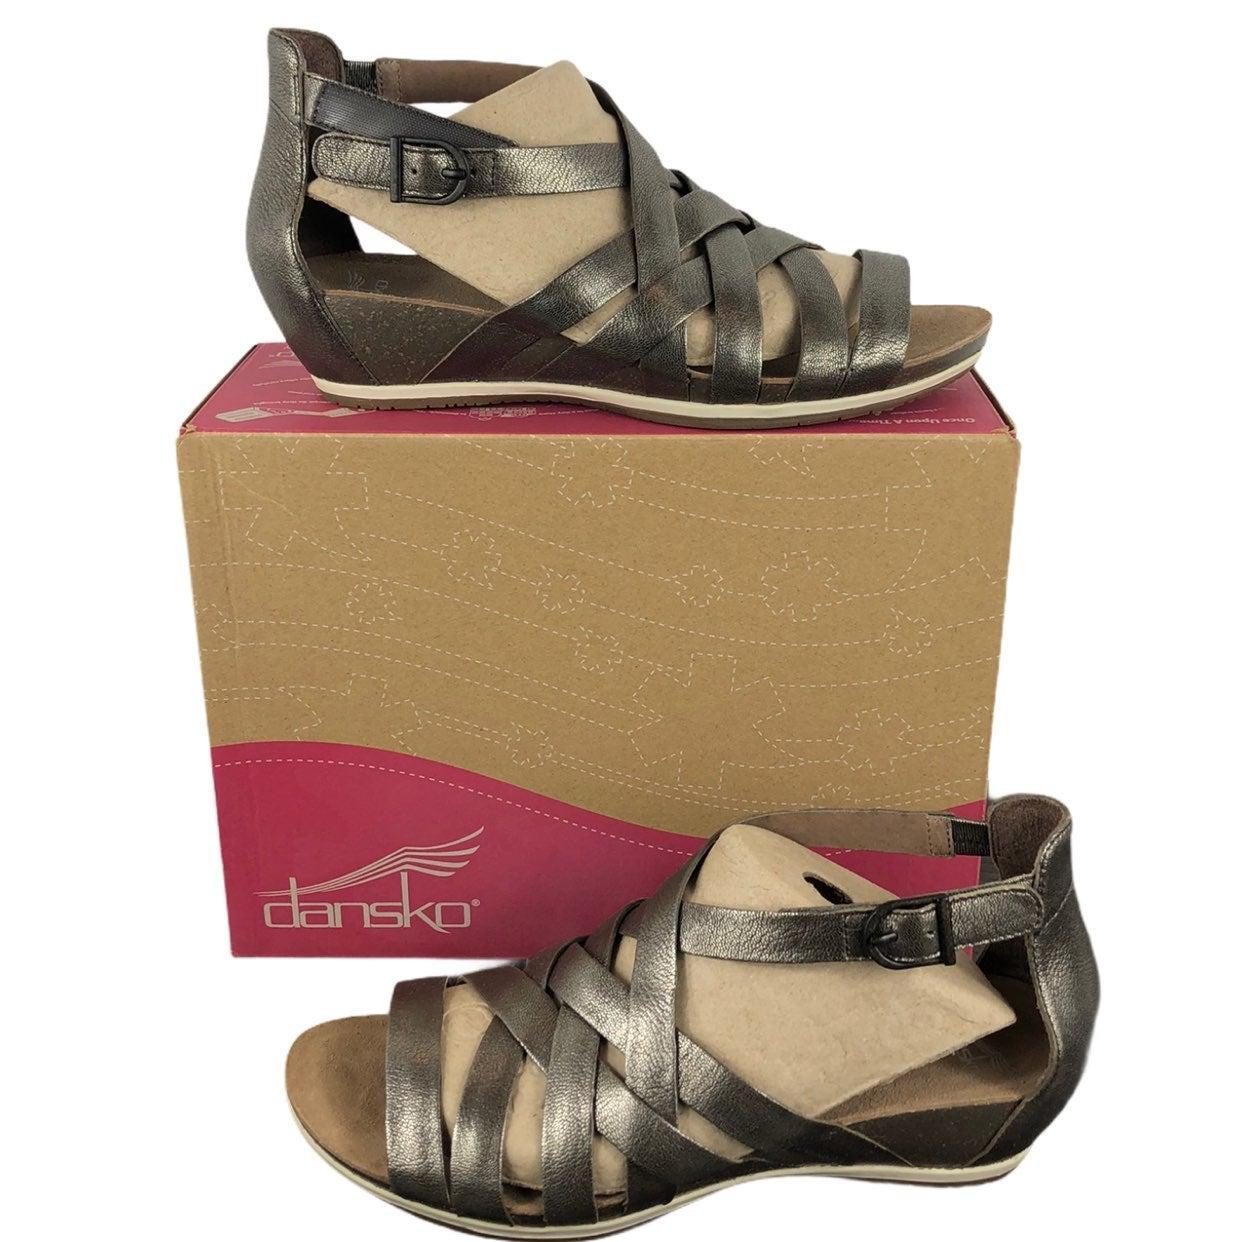 NEW Dansko Vivian Nappa Strappy Sandals